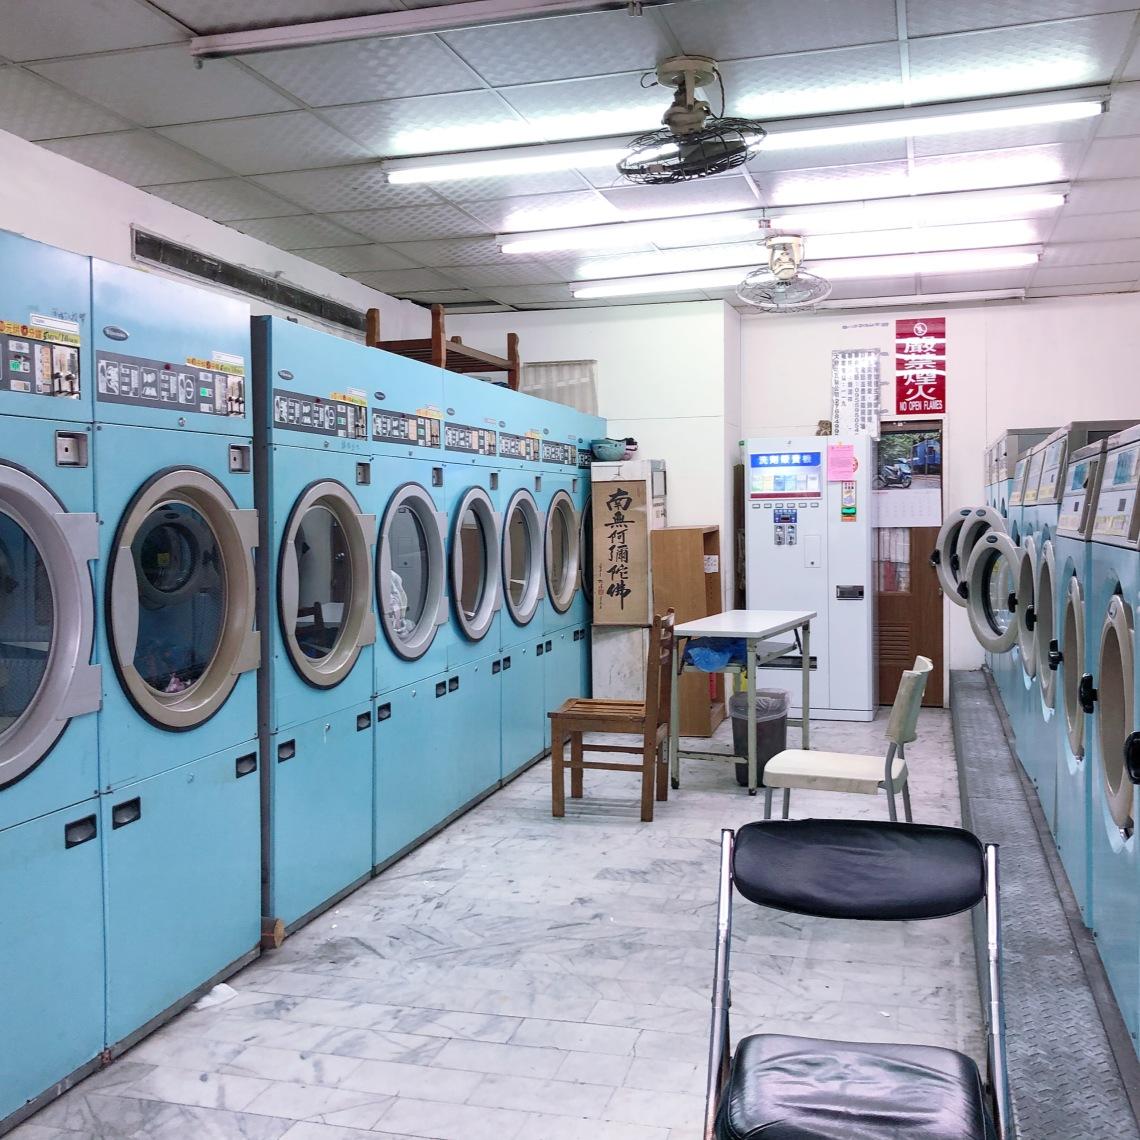 ร้านซักผ้าหยอดเหรียญไต้หวัน